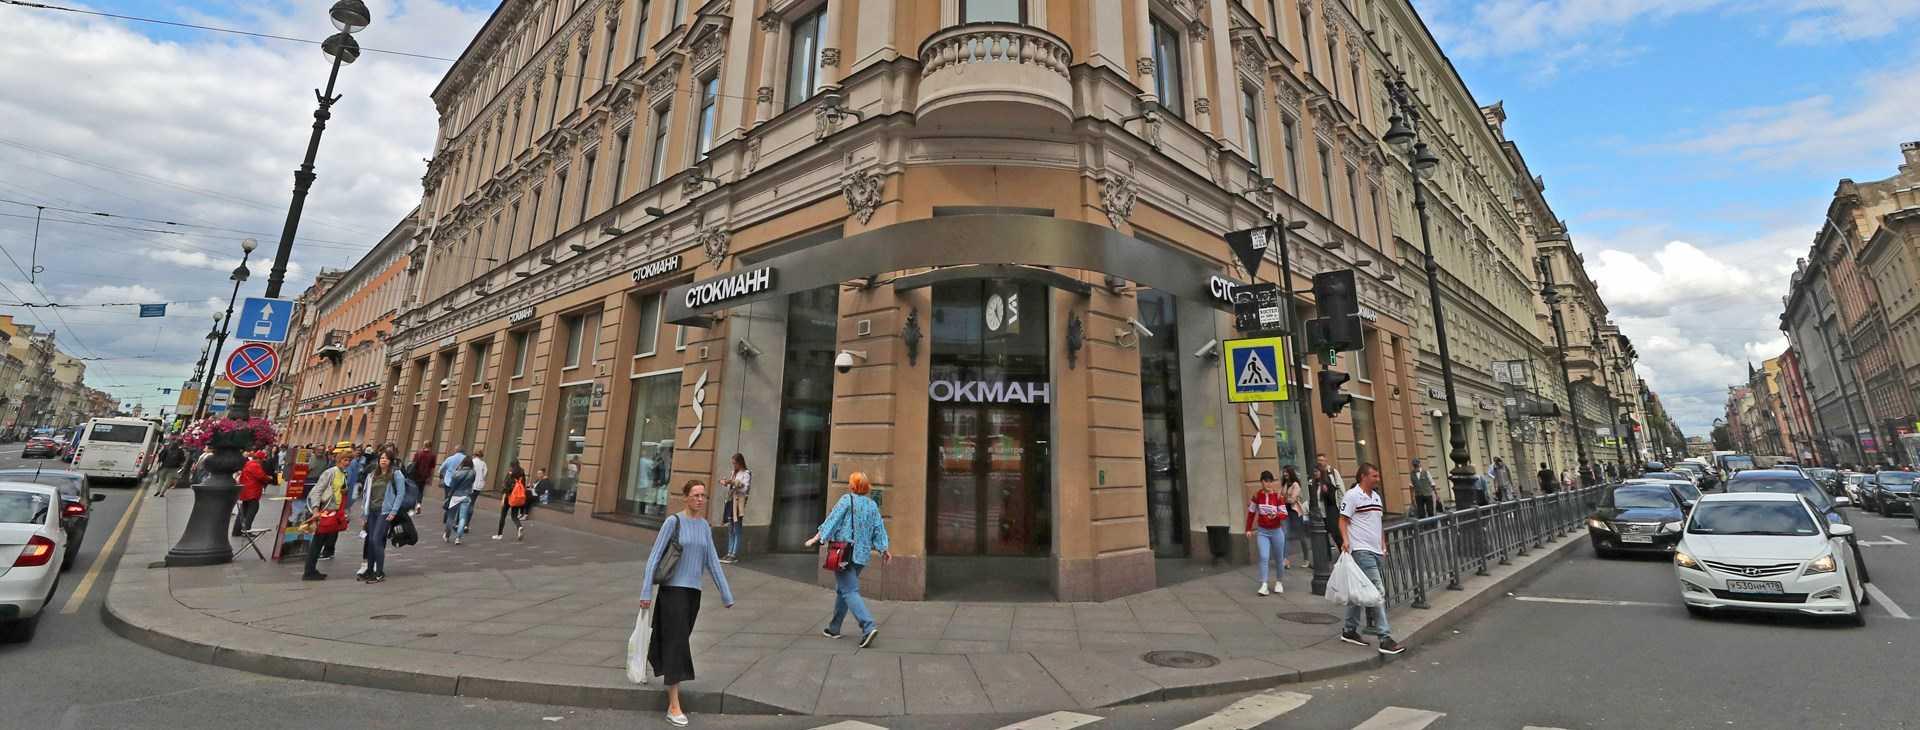 Сеть торговых центров Стокманн (Stockmann) — отзывы. Негативные, нейтральные и положительные отзывы